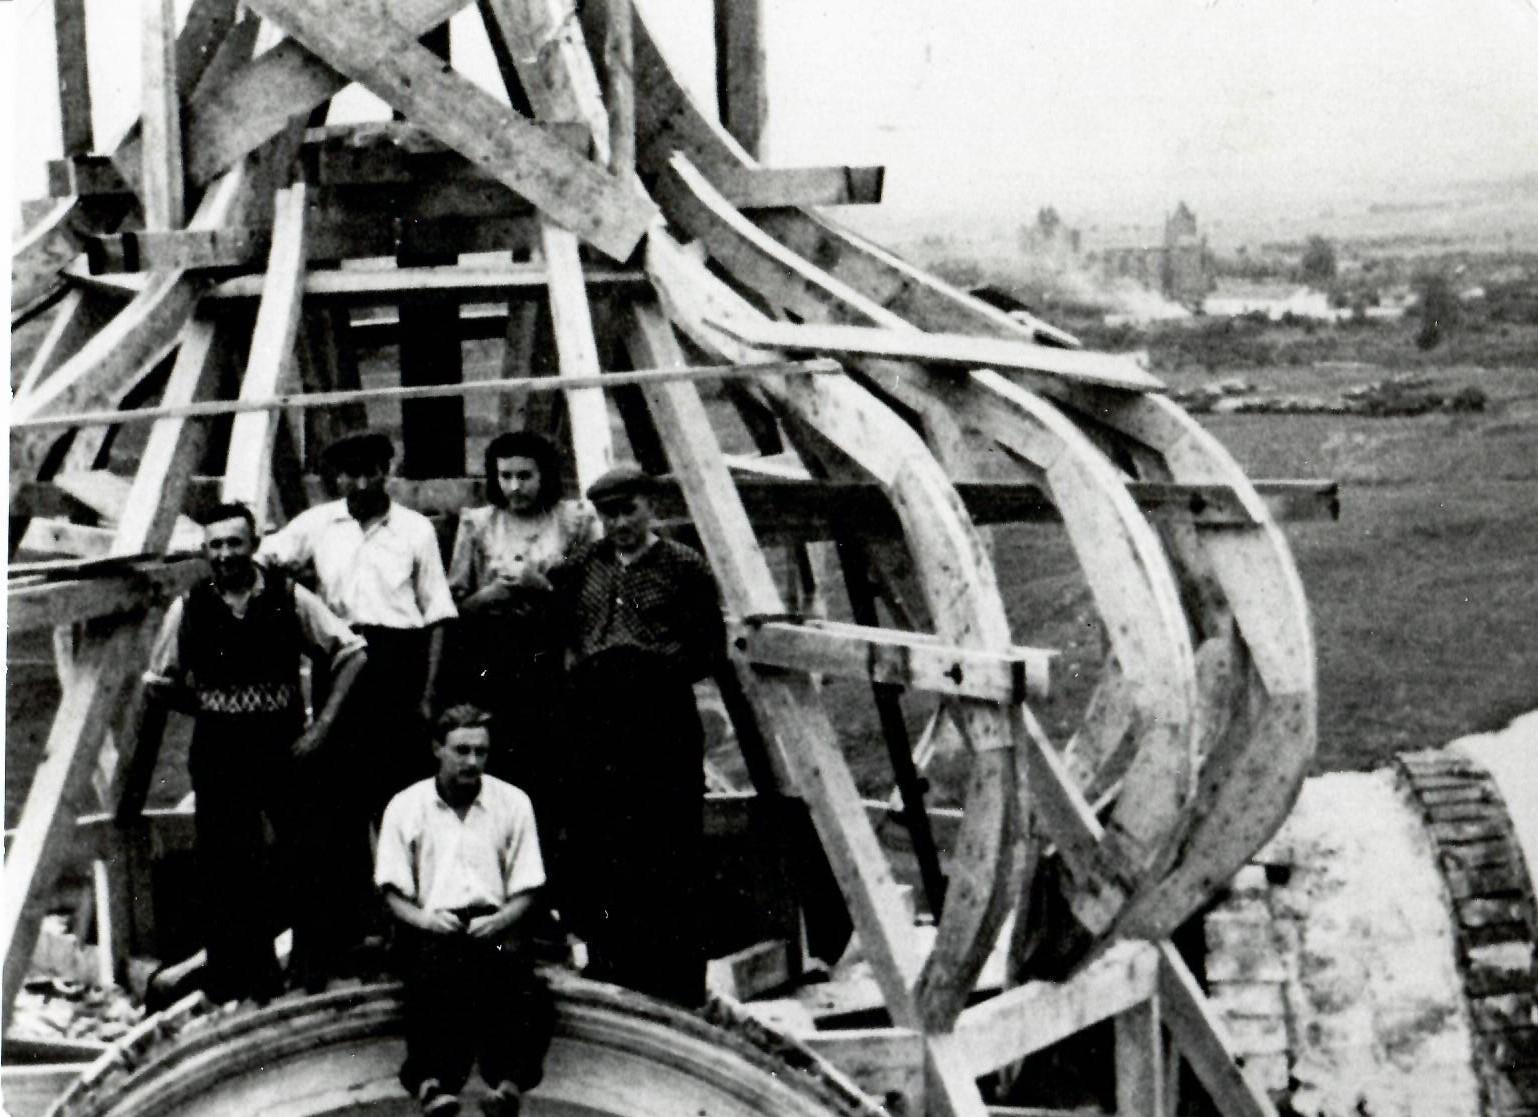 Bažnyčios bokštų atstatymo darbai po karo.